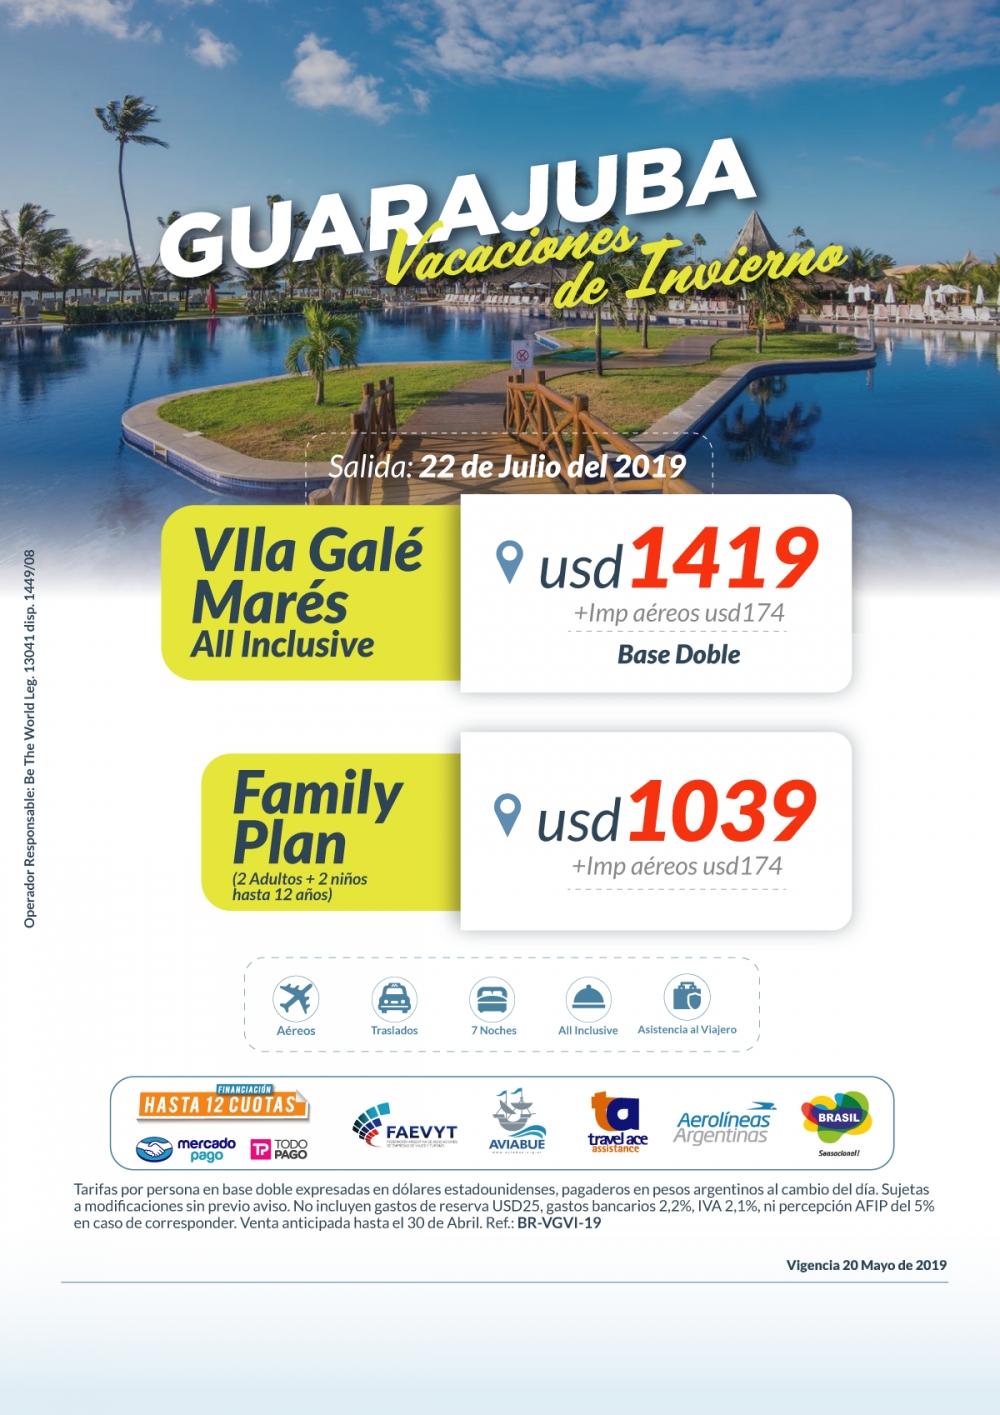 GUARAJUBA - Vacaciones de invierno